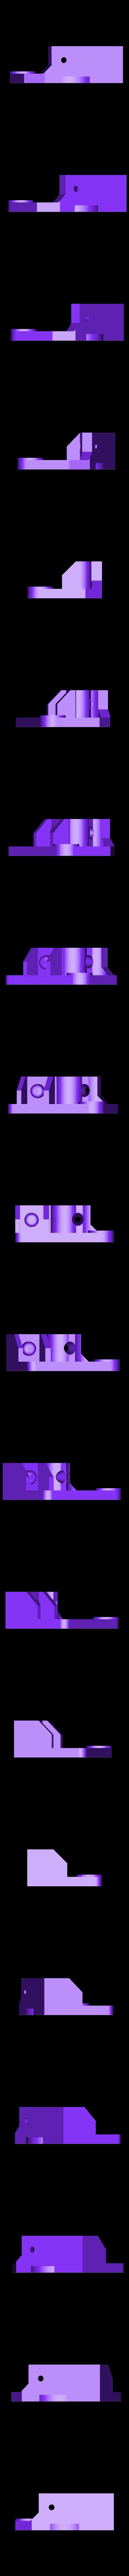 ExtruderBody.stl Télécharger fichier STL gratuit Extrudeuse à entraînement direct à filament flexible (Max Micron et autres Prusa i3's) • Plan pour imprimante 3D, Thomllama